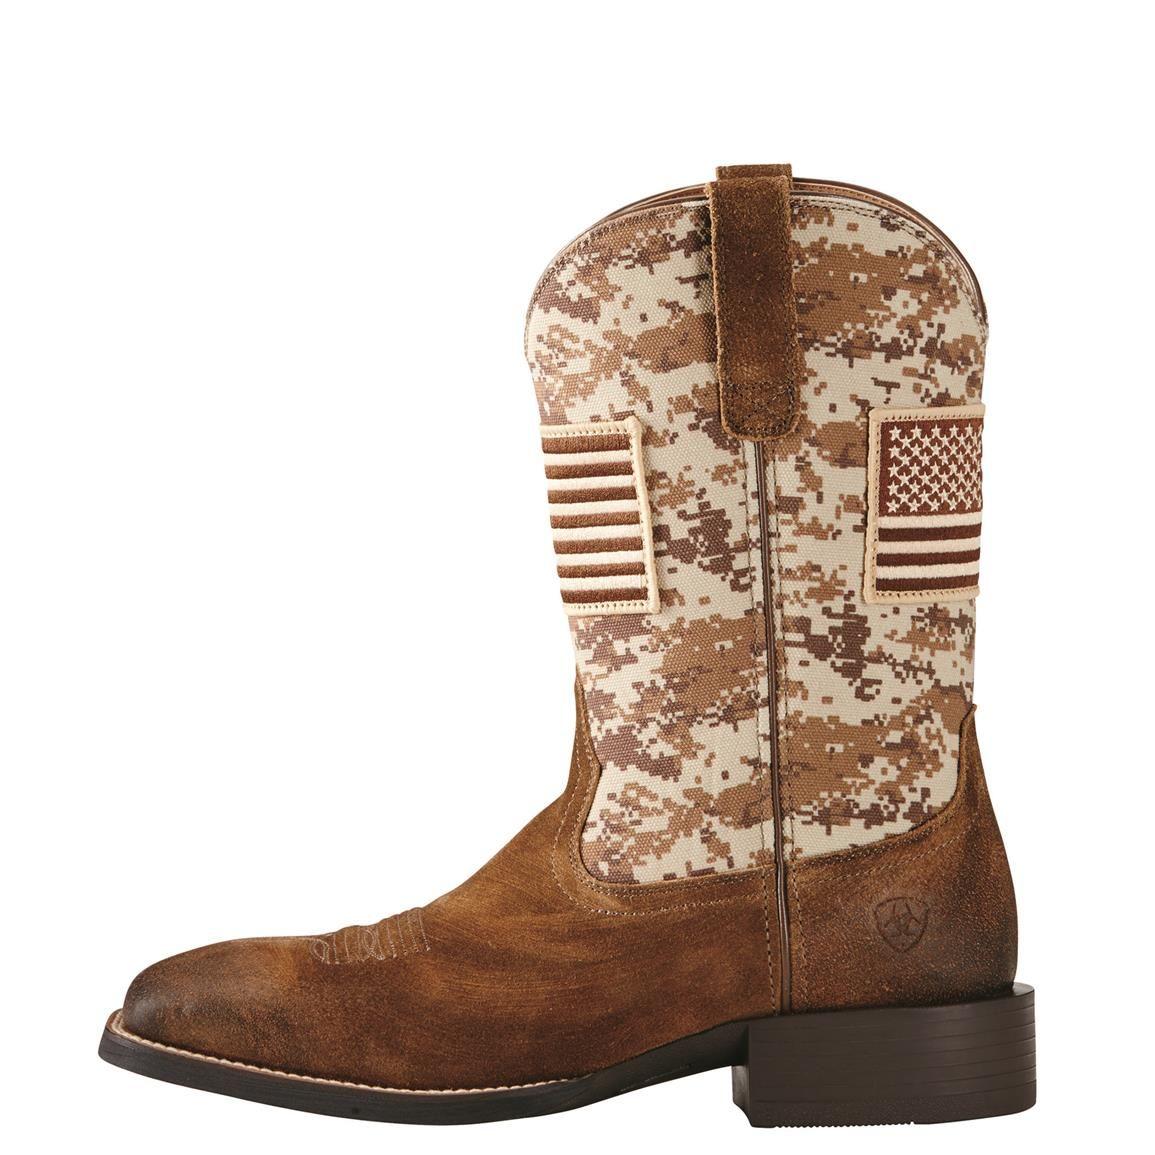 Ariat Men's Sport Patriot Cowboy Boots, Mocha Suede / Sand